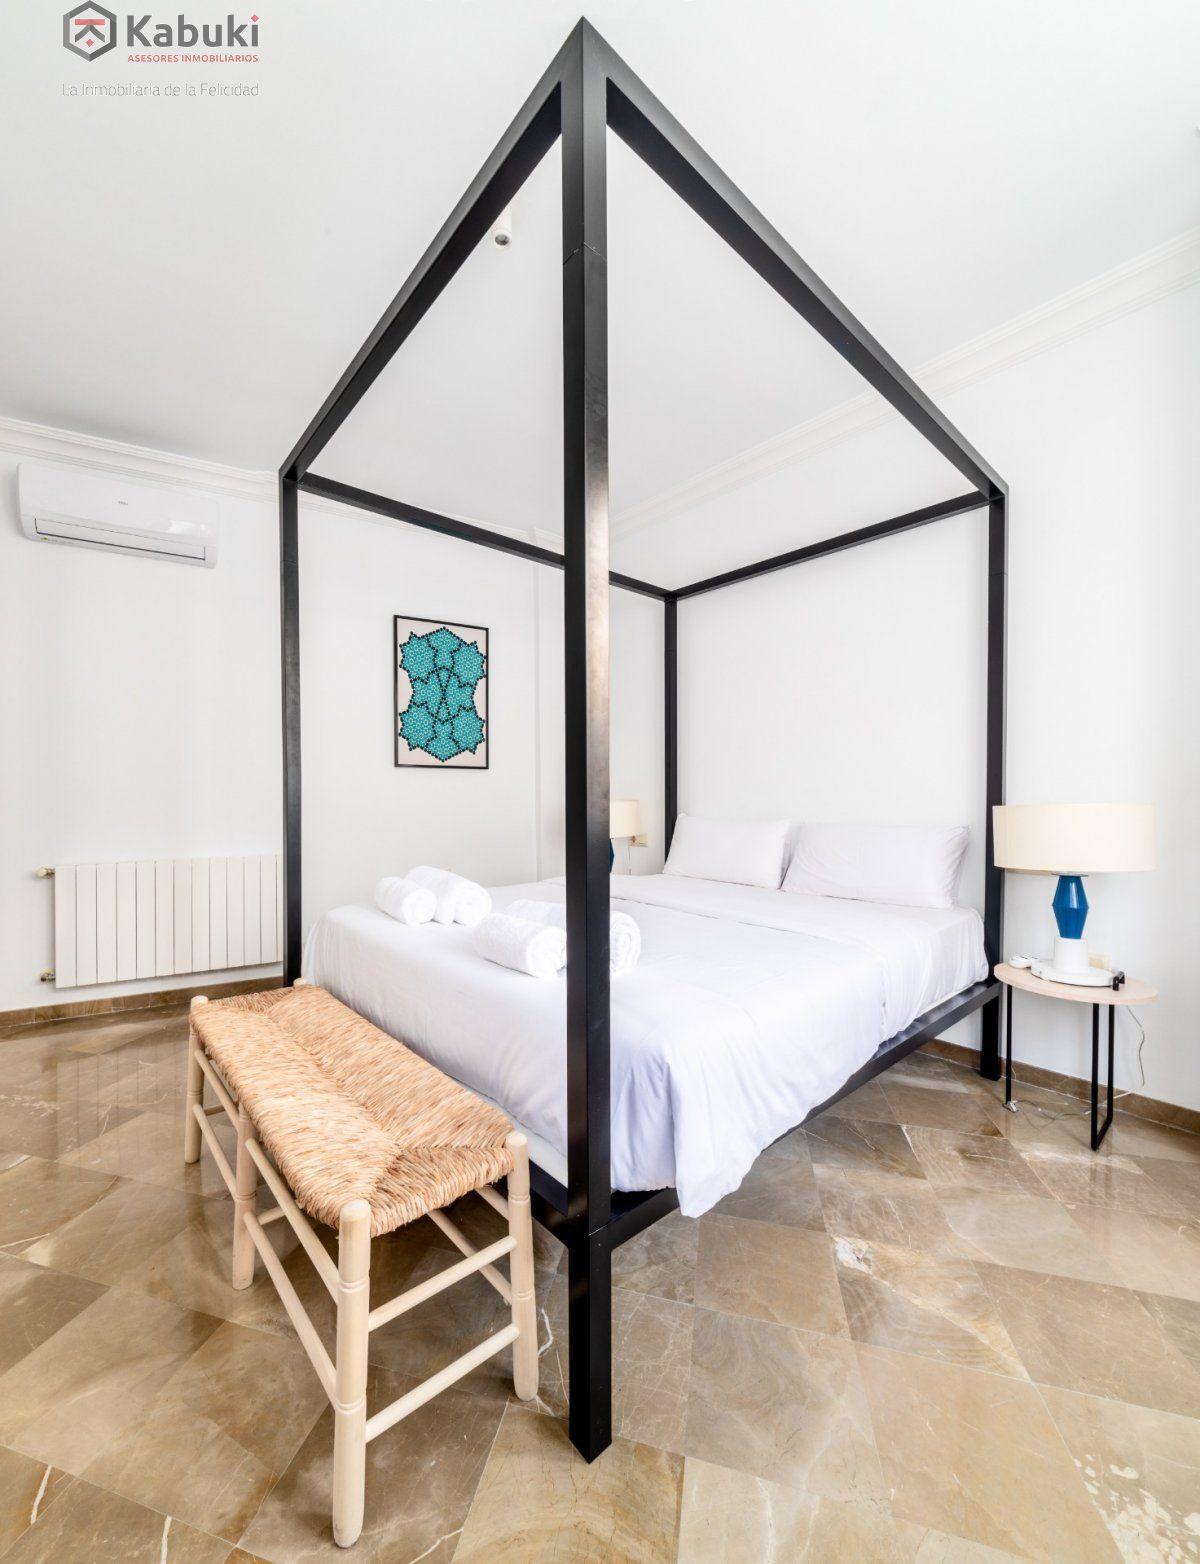 Magnífico inmueble de dos dormitorios en gran via. de estilo moderno, sentirás todo el con - imagenInmueble30